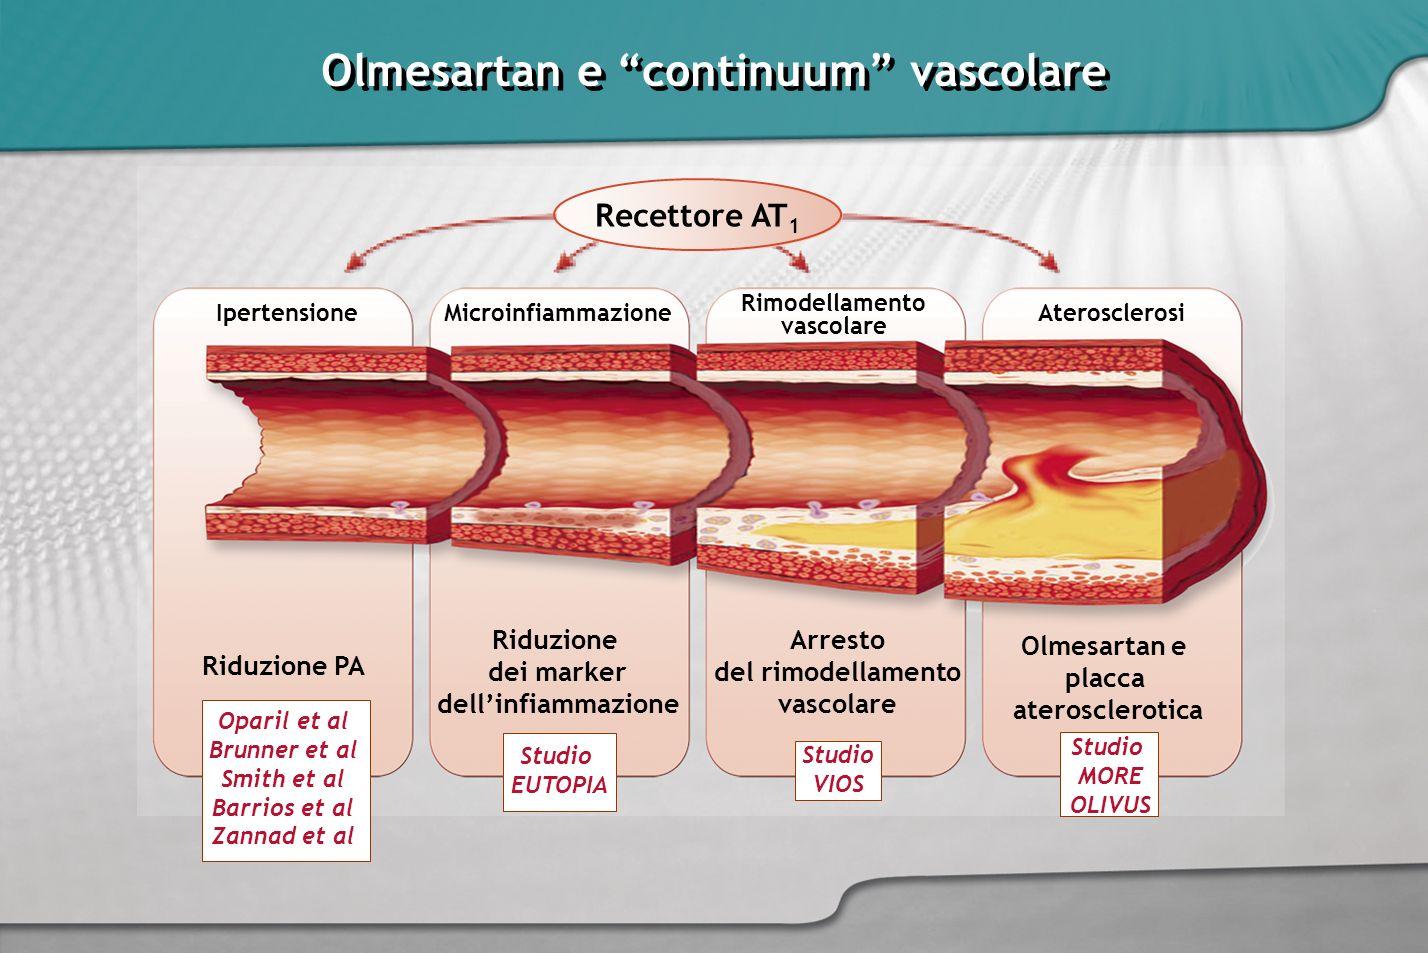 Olmesartan e continuum vascolare Rimodellamento vascolare MicroinfiammazioneIpertensioneAterosclerosi Arresto del rimodellamento vascolare Riduzione d